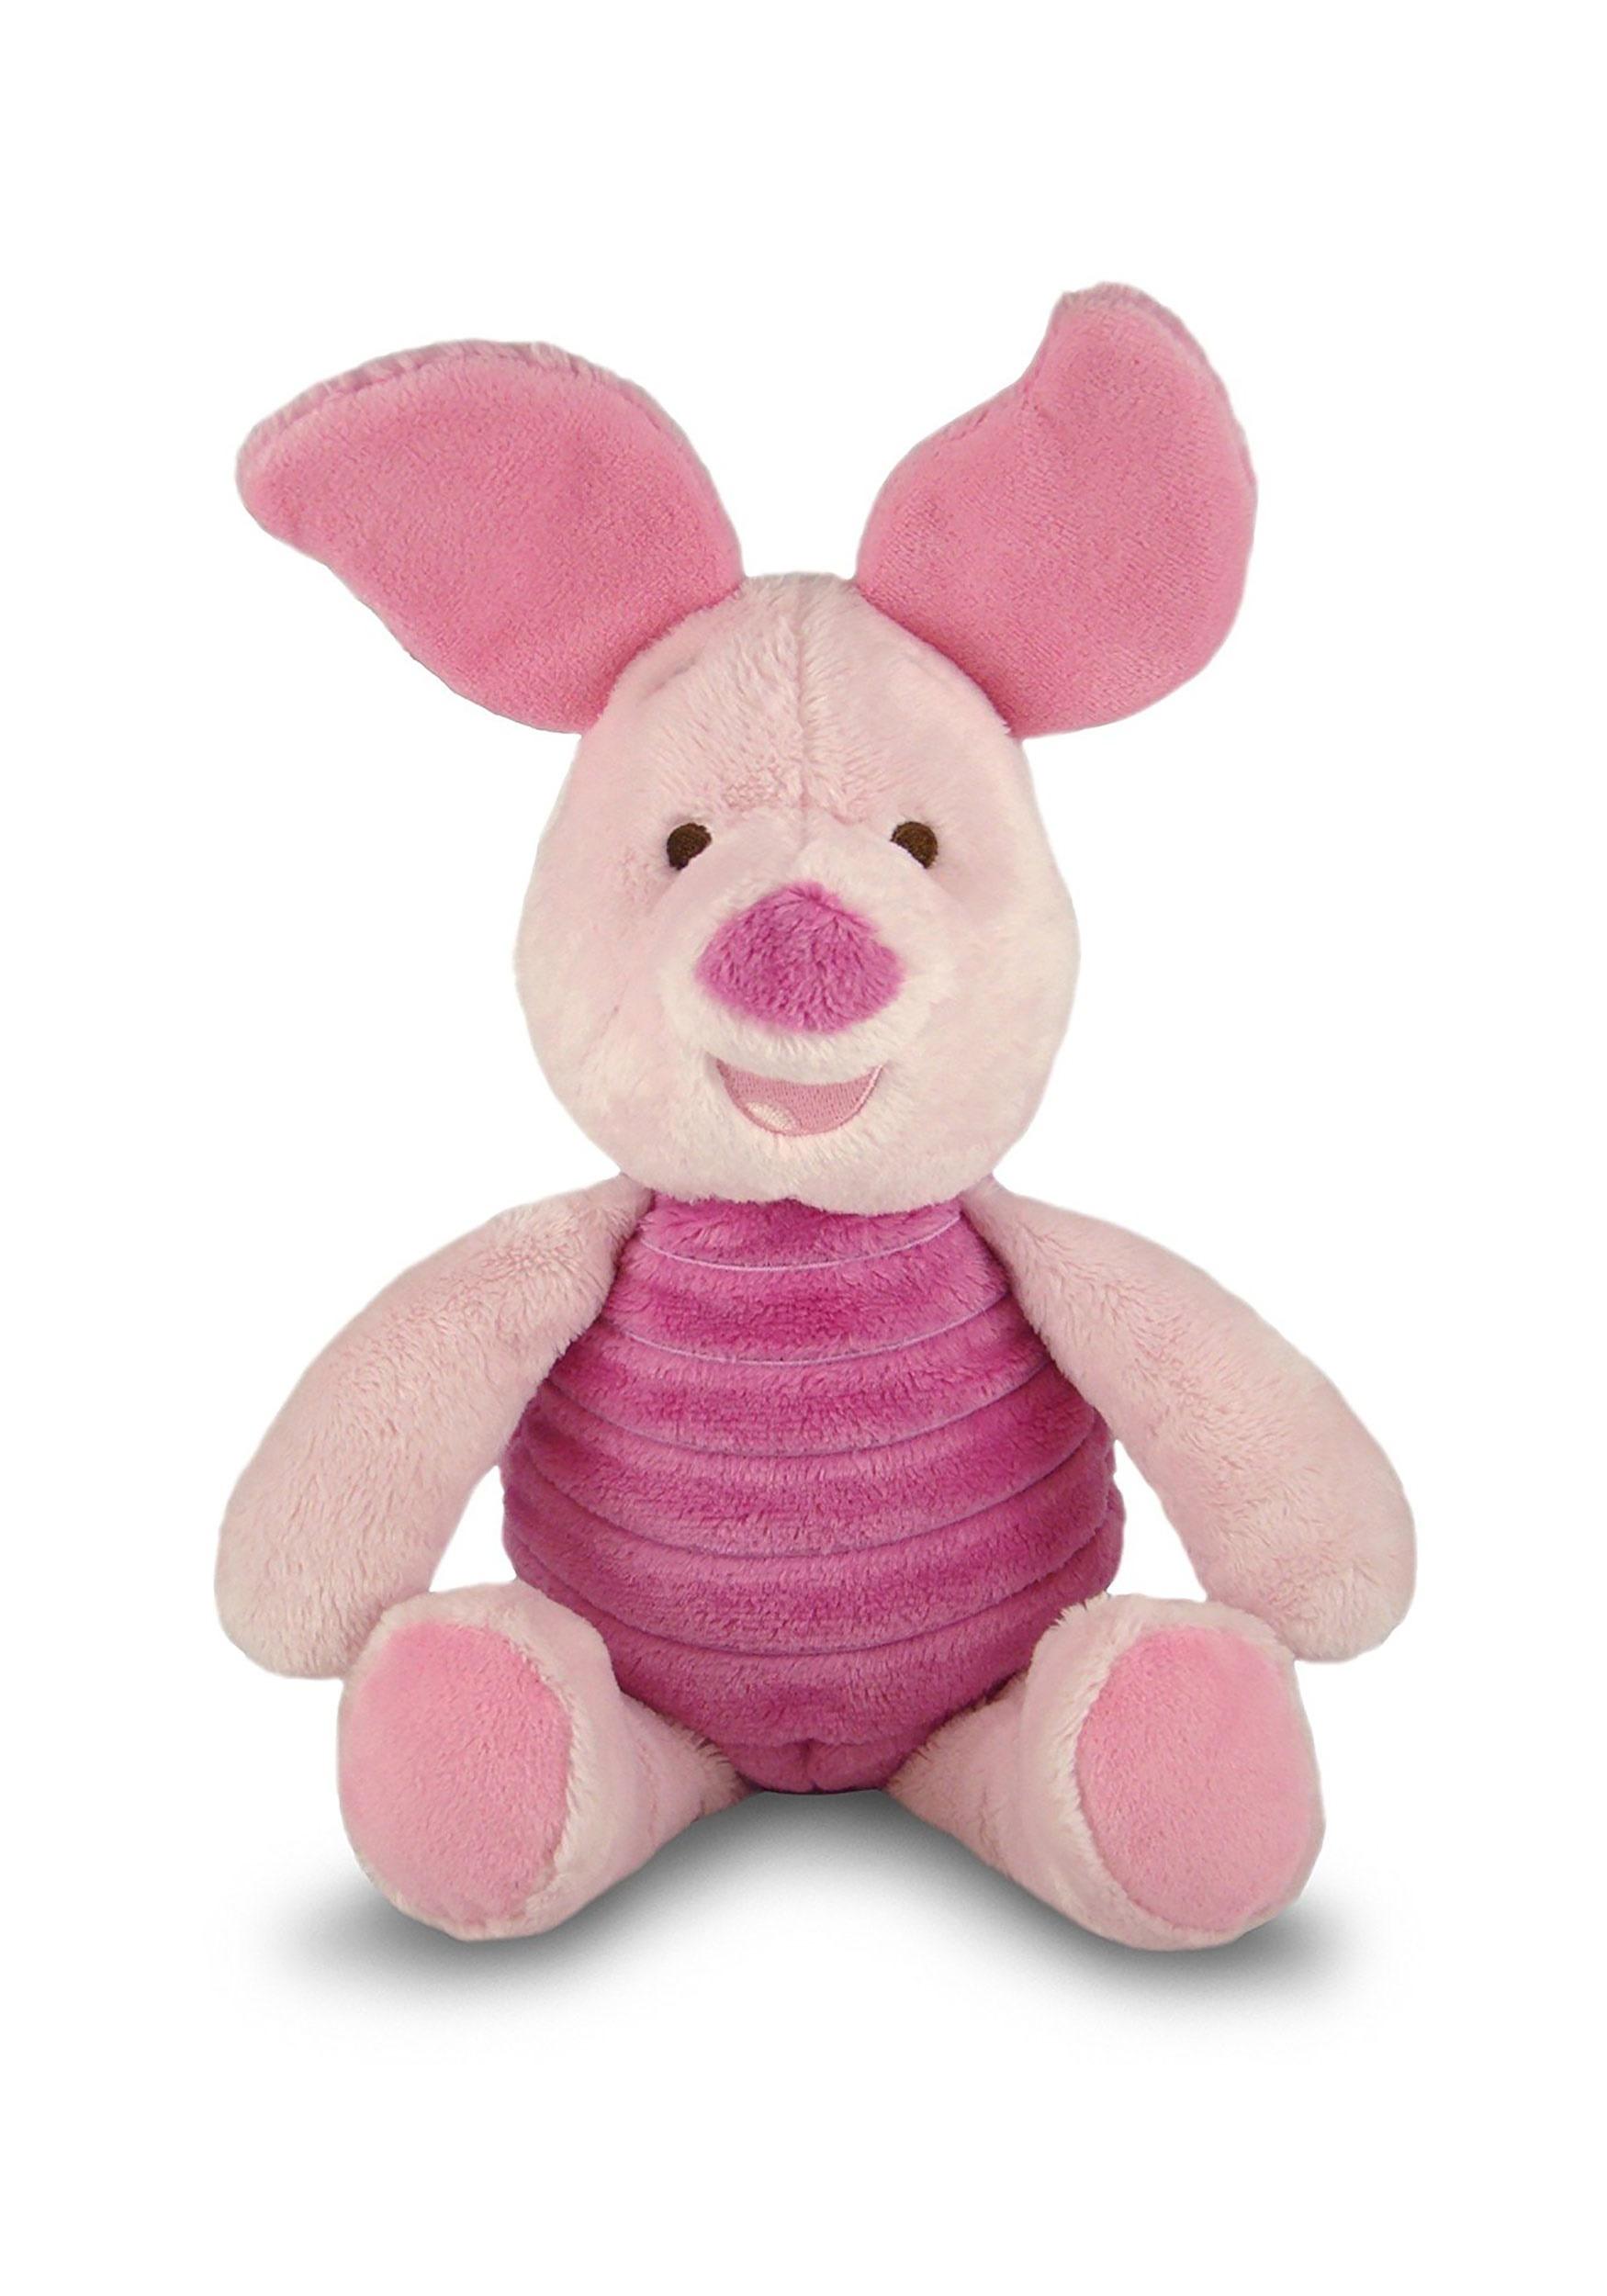 winnie the pooh piglet stuffed figure